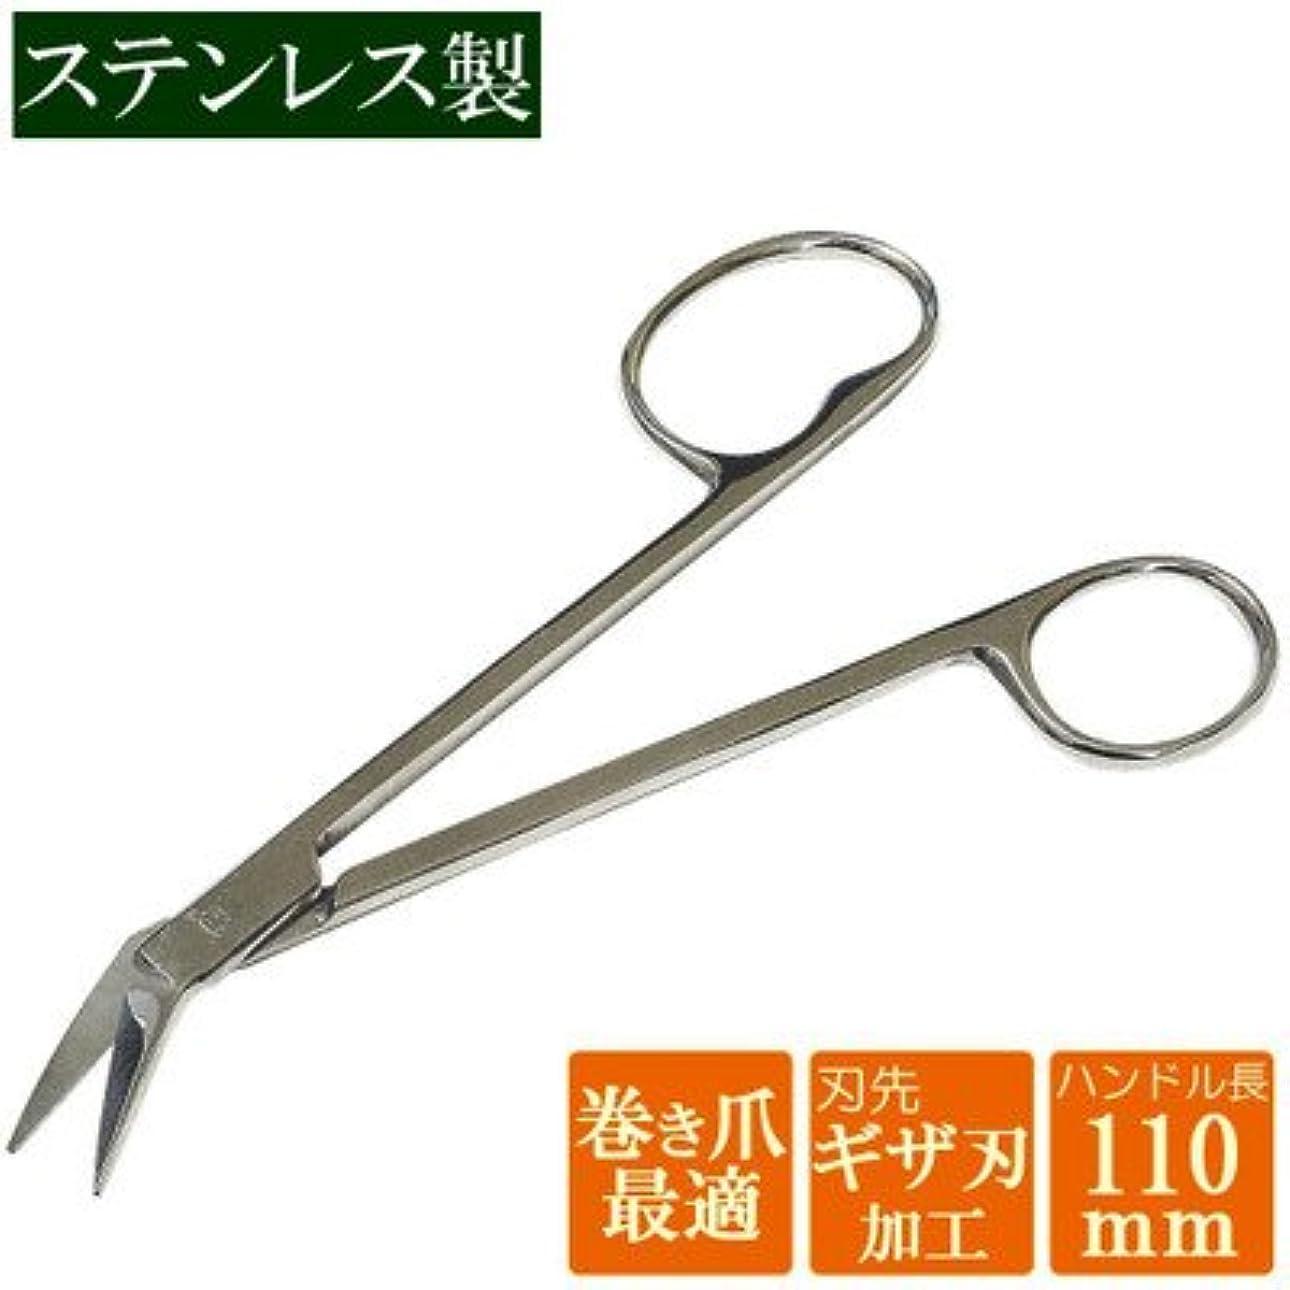 いつでも威する要塞88021 ロング足用爪切りハサミ 自由なラインで切れる足用爪切りハサミ